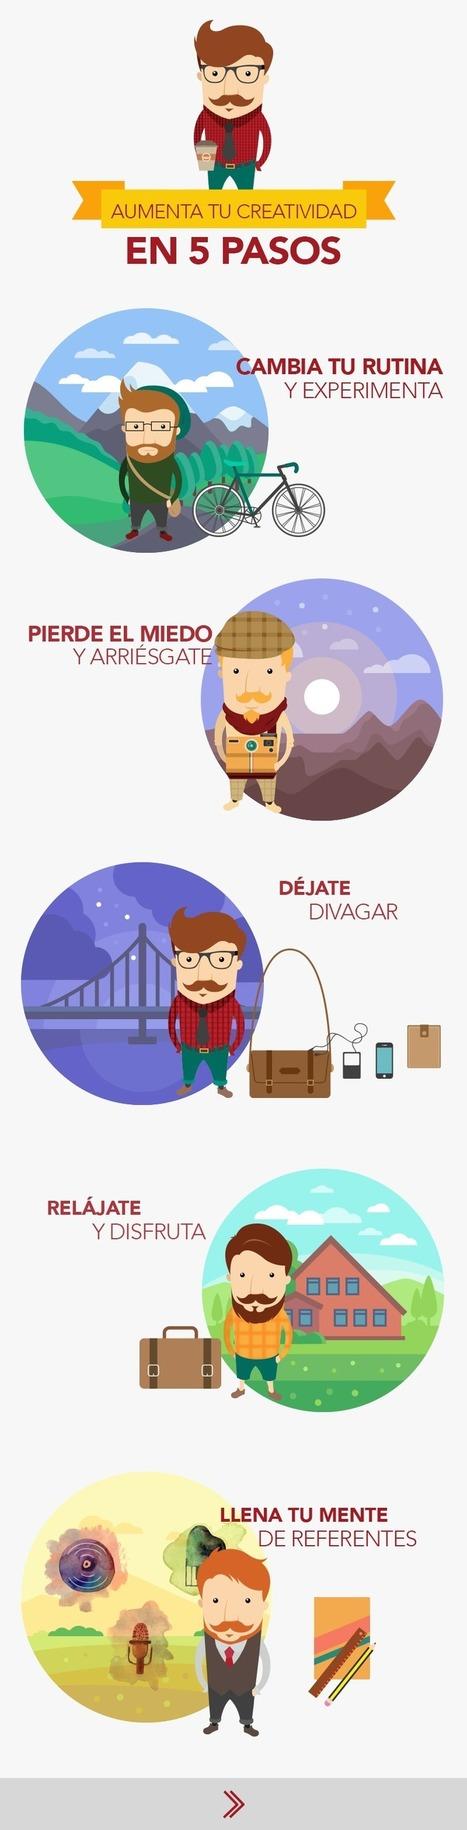 5 pasos para aumentar la creatividad #infografia #infographic | Educación con tecnología | Scoop.it